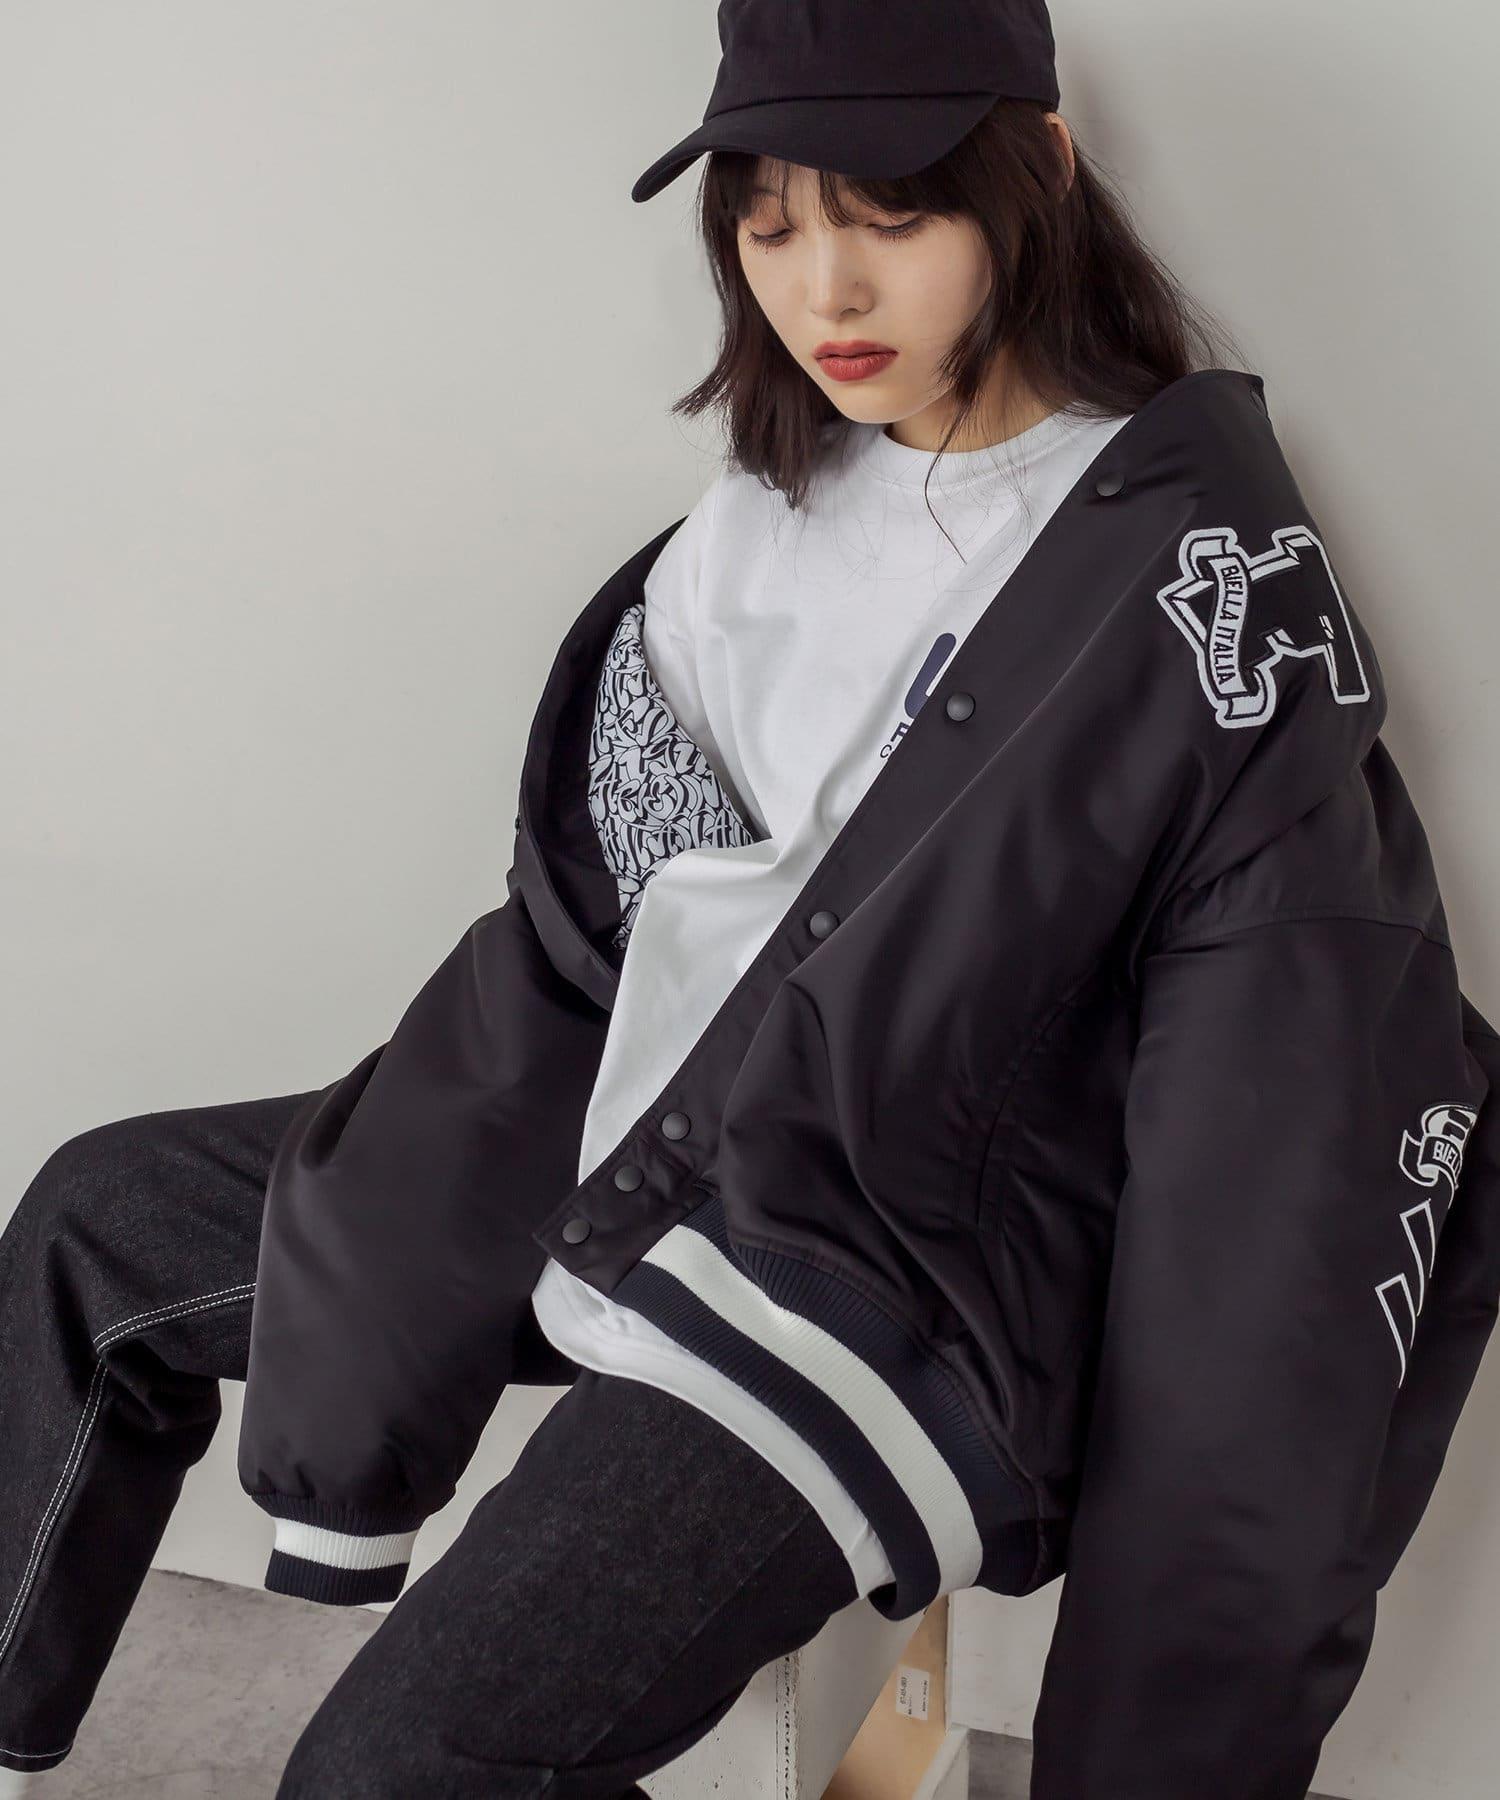 RASVOA(ラスボア) 【FILA】Award jacket